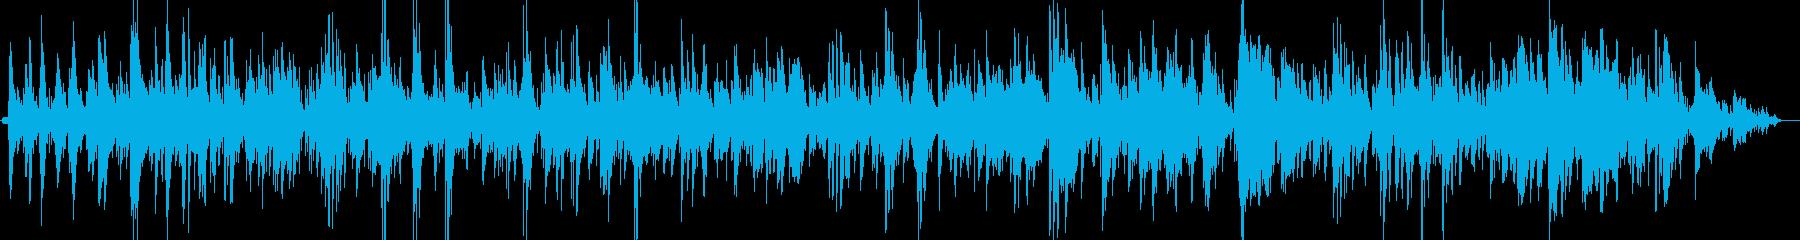 キャンドルにとける寛ぎのチルアウトジャズの再生済みの波形